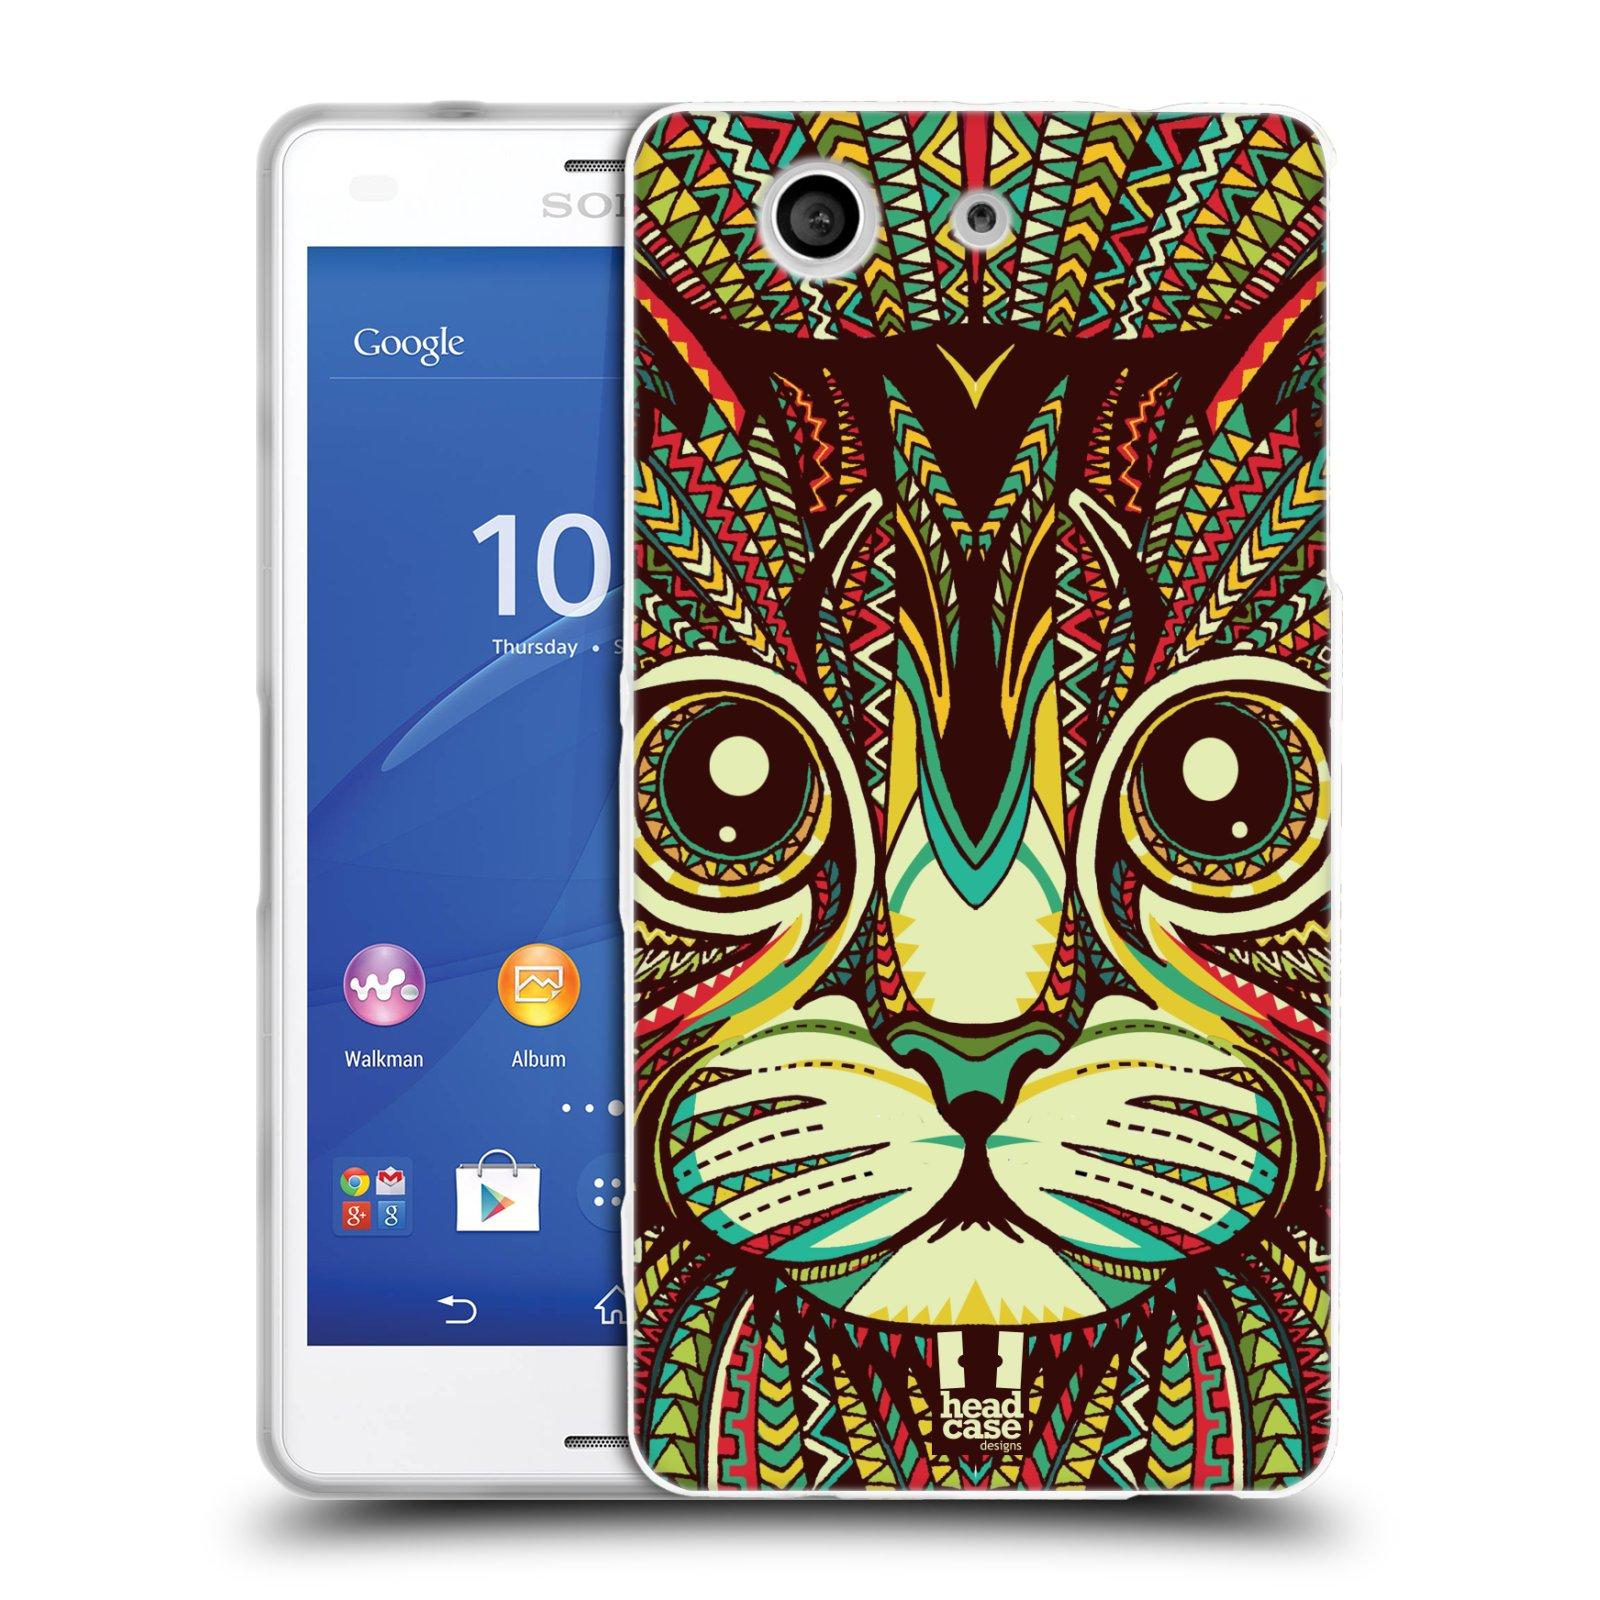 Silikonové pouzdro na mobil Sony Xperia Z3 Compact D5803 HEAD CASE AZTEC KOČKA